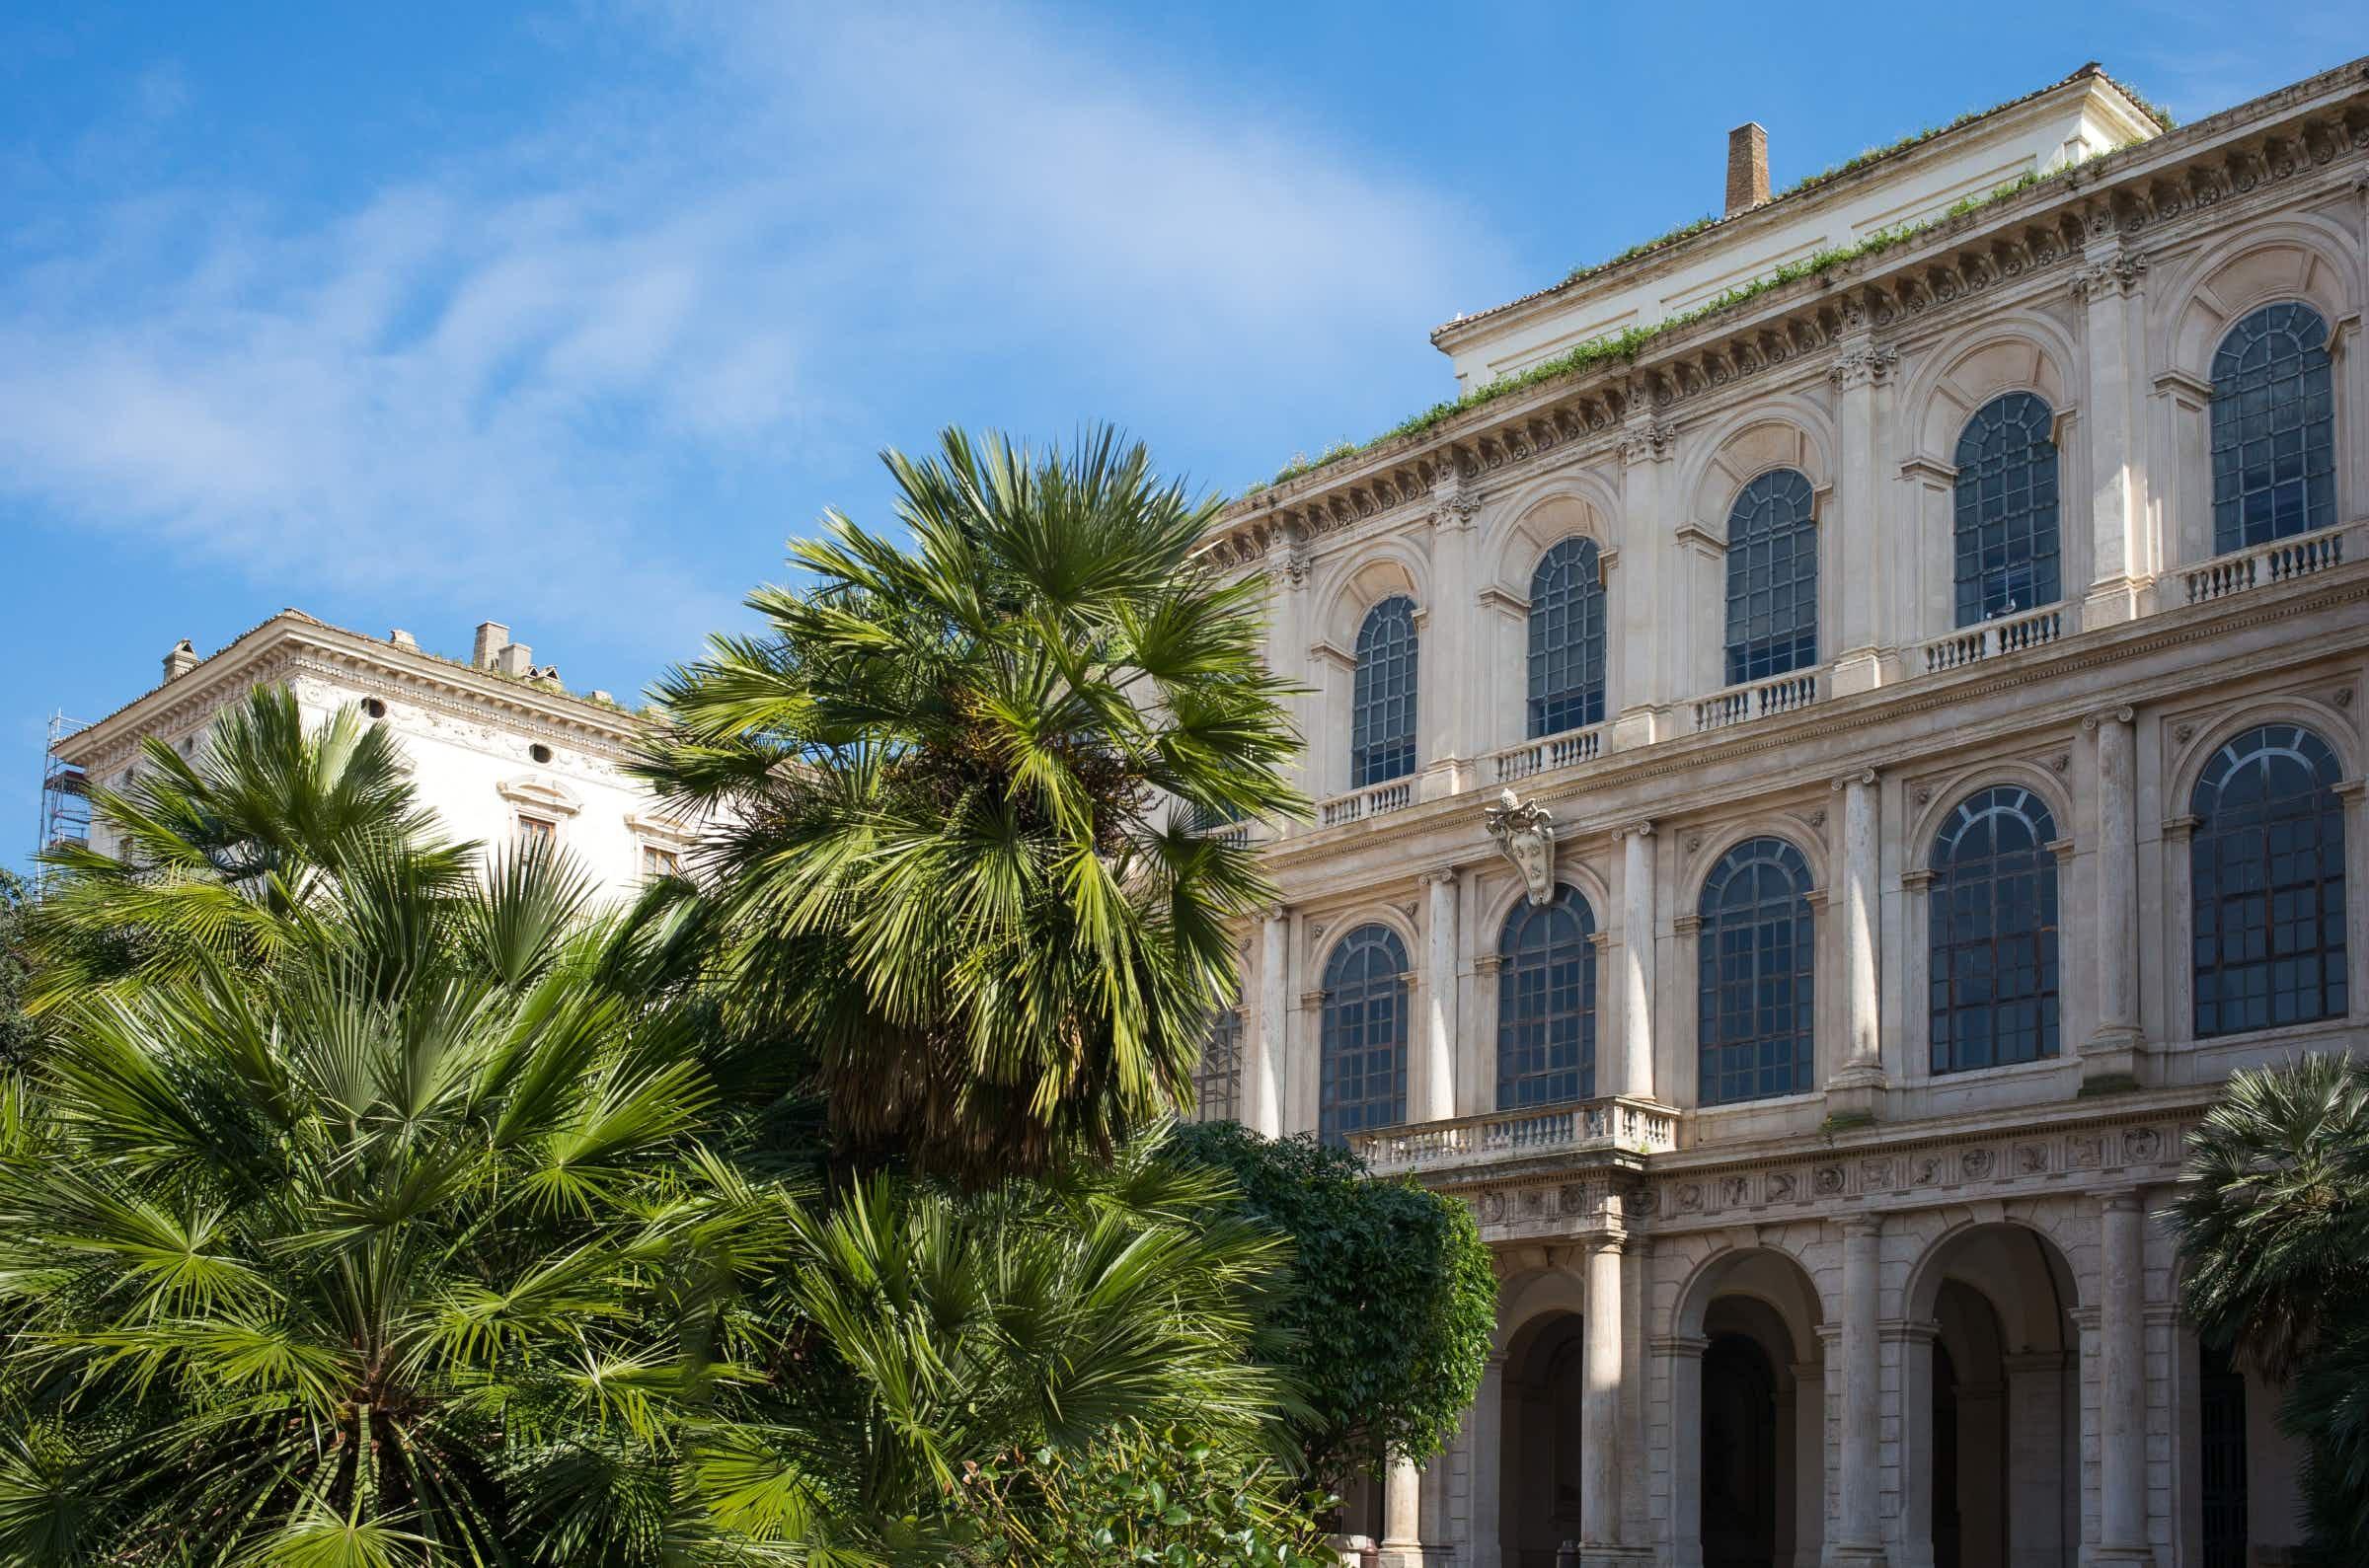 Rome's Palazzo Barberini opens 11 new rooms and Borromini staircase to public